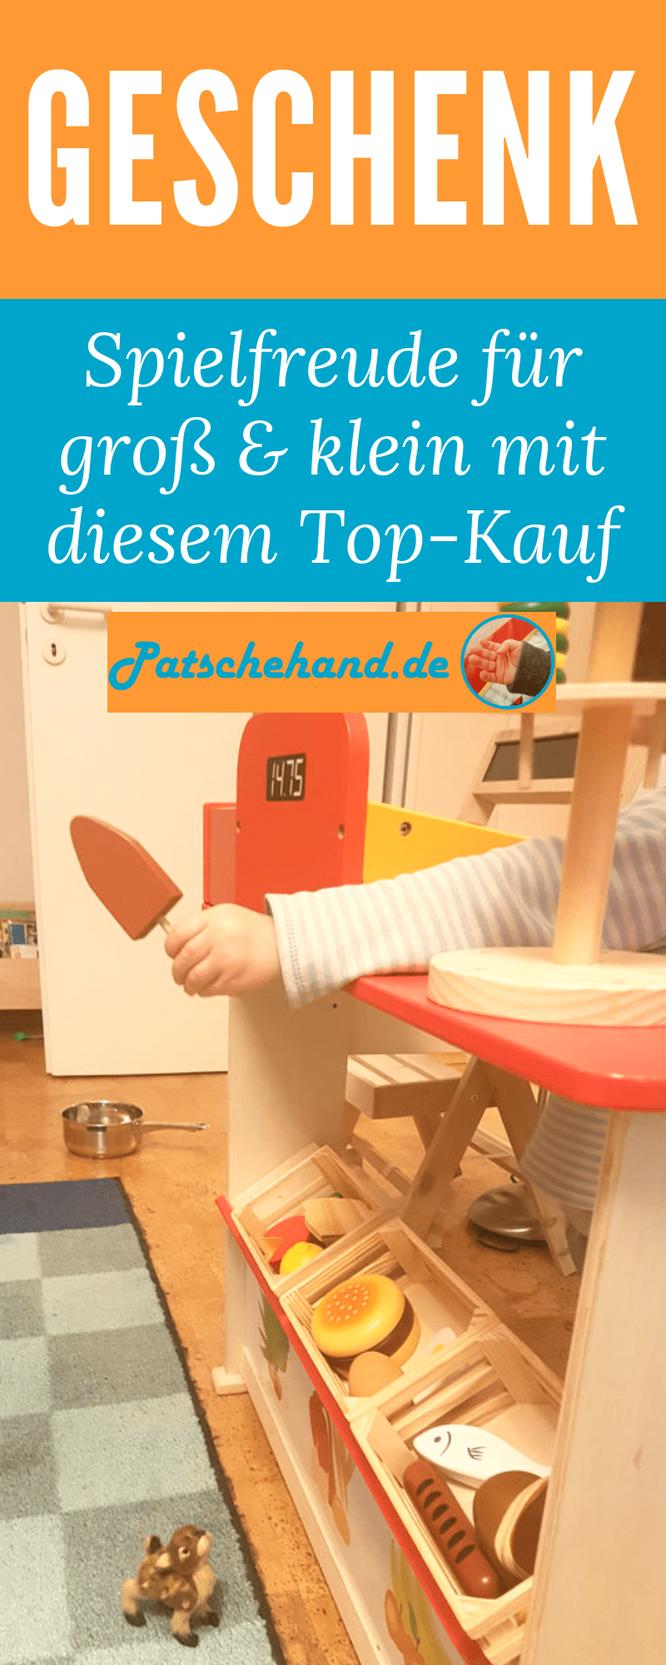 Das perfekte Geschenk - ein Kinder-Kaufmannsladen: Pinterest-Grafik auf Mama-Blog Patschehand.de.